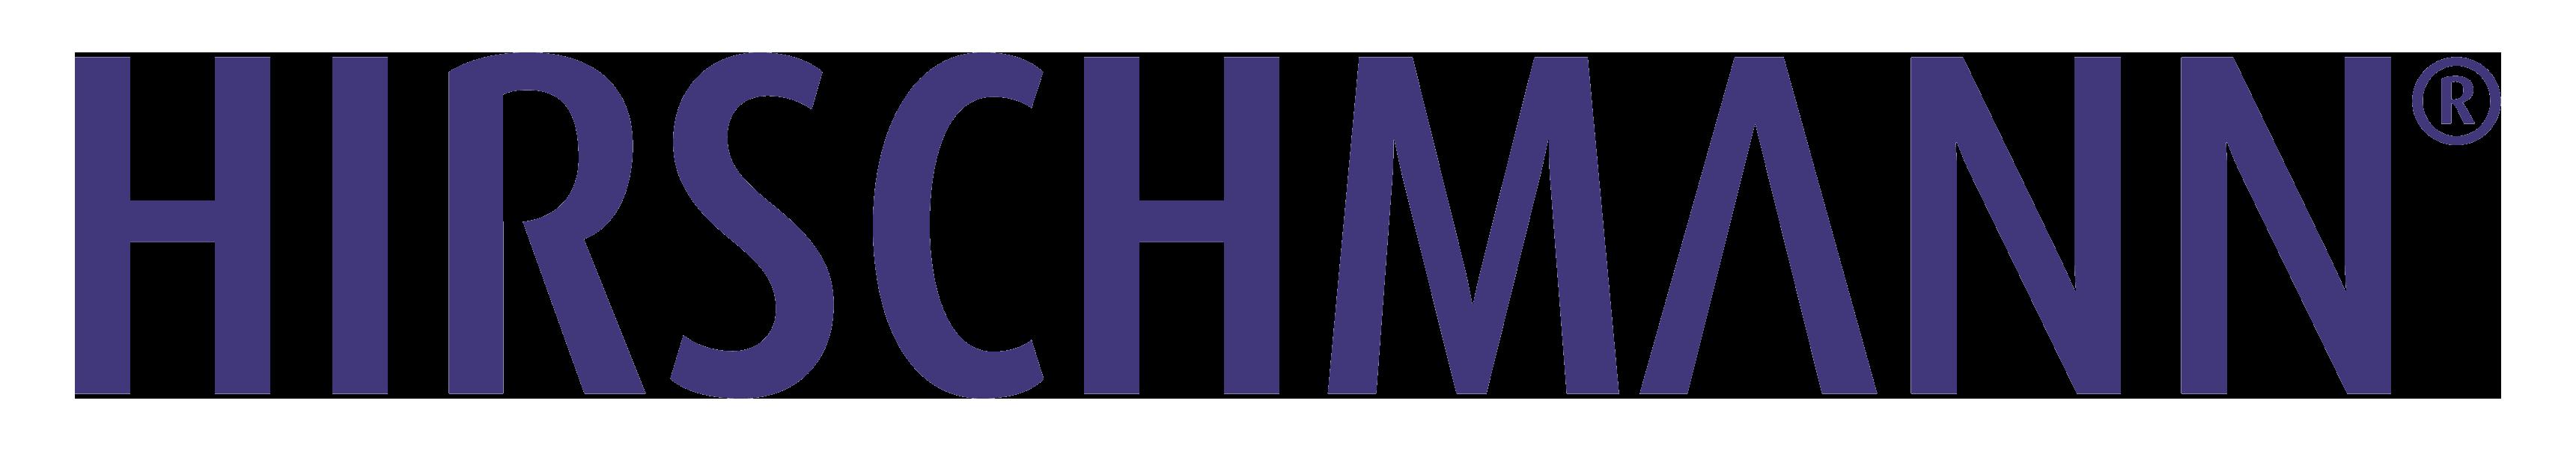 Hirschmann GmbH & Co. KG